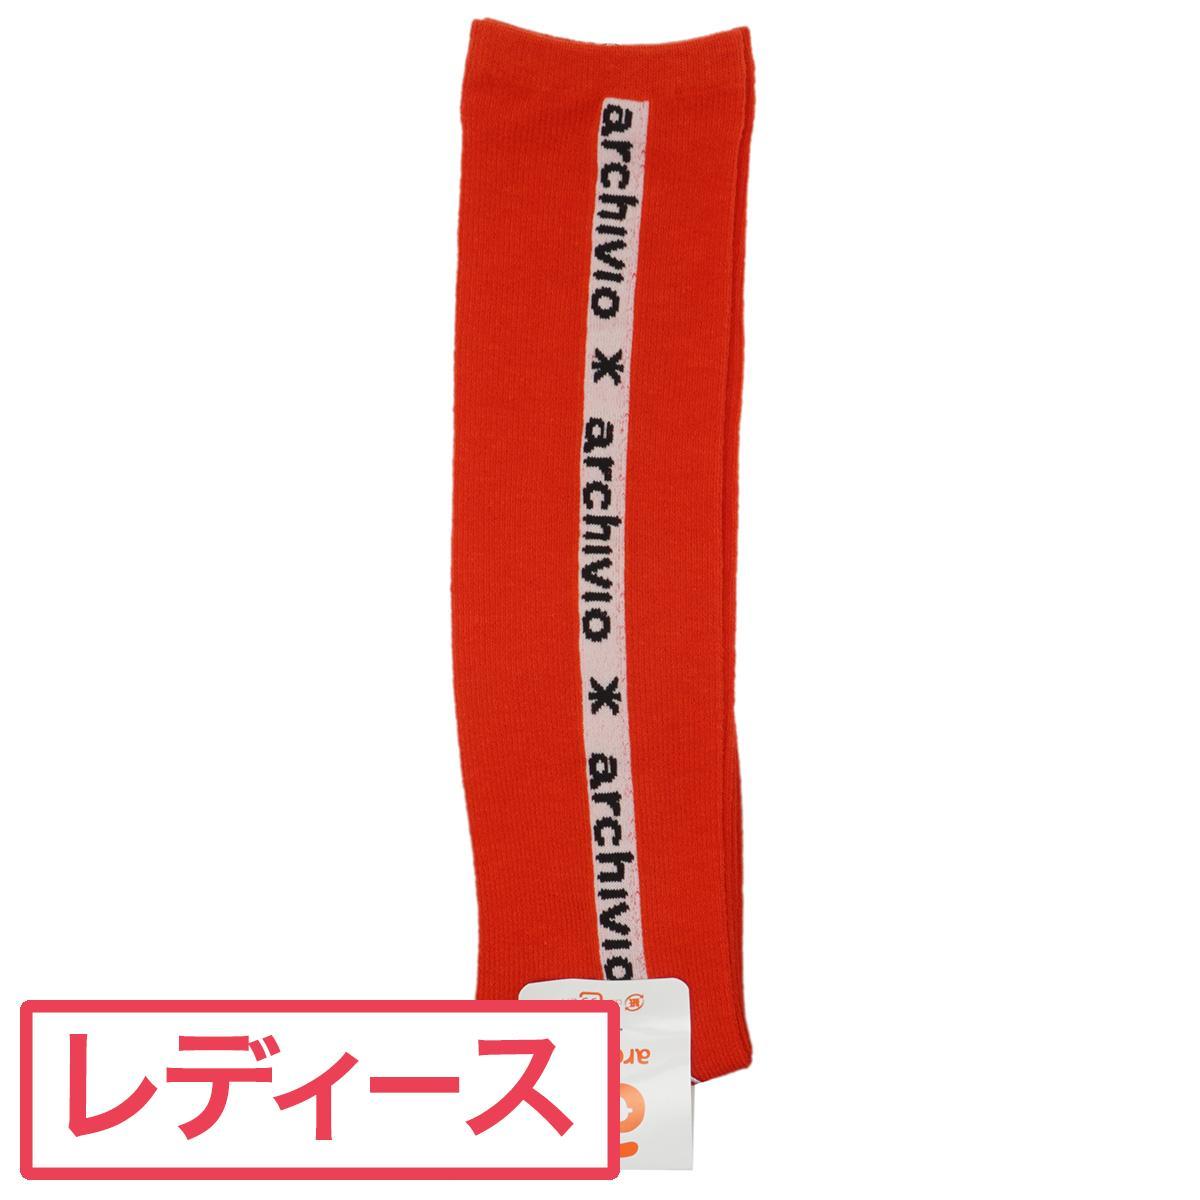 13時までの注文であす楽対応 アルチビオ archivio 日本最大級の品揃え メーカー直送 ソックス レディス